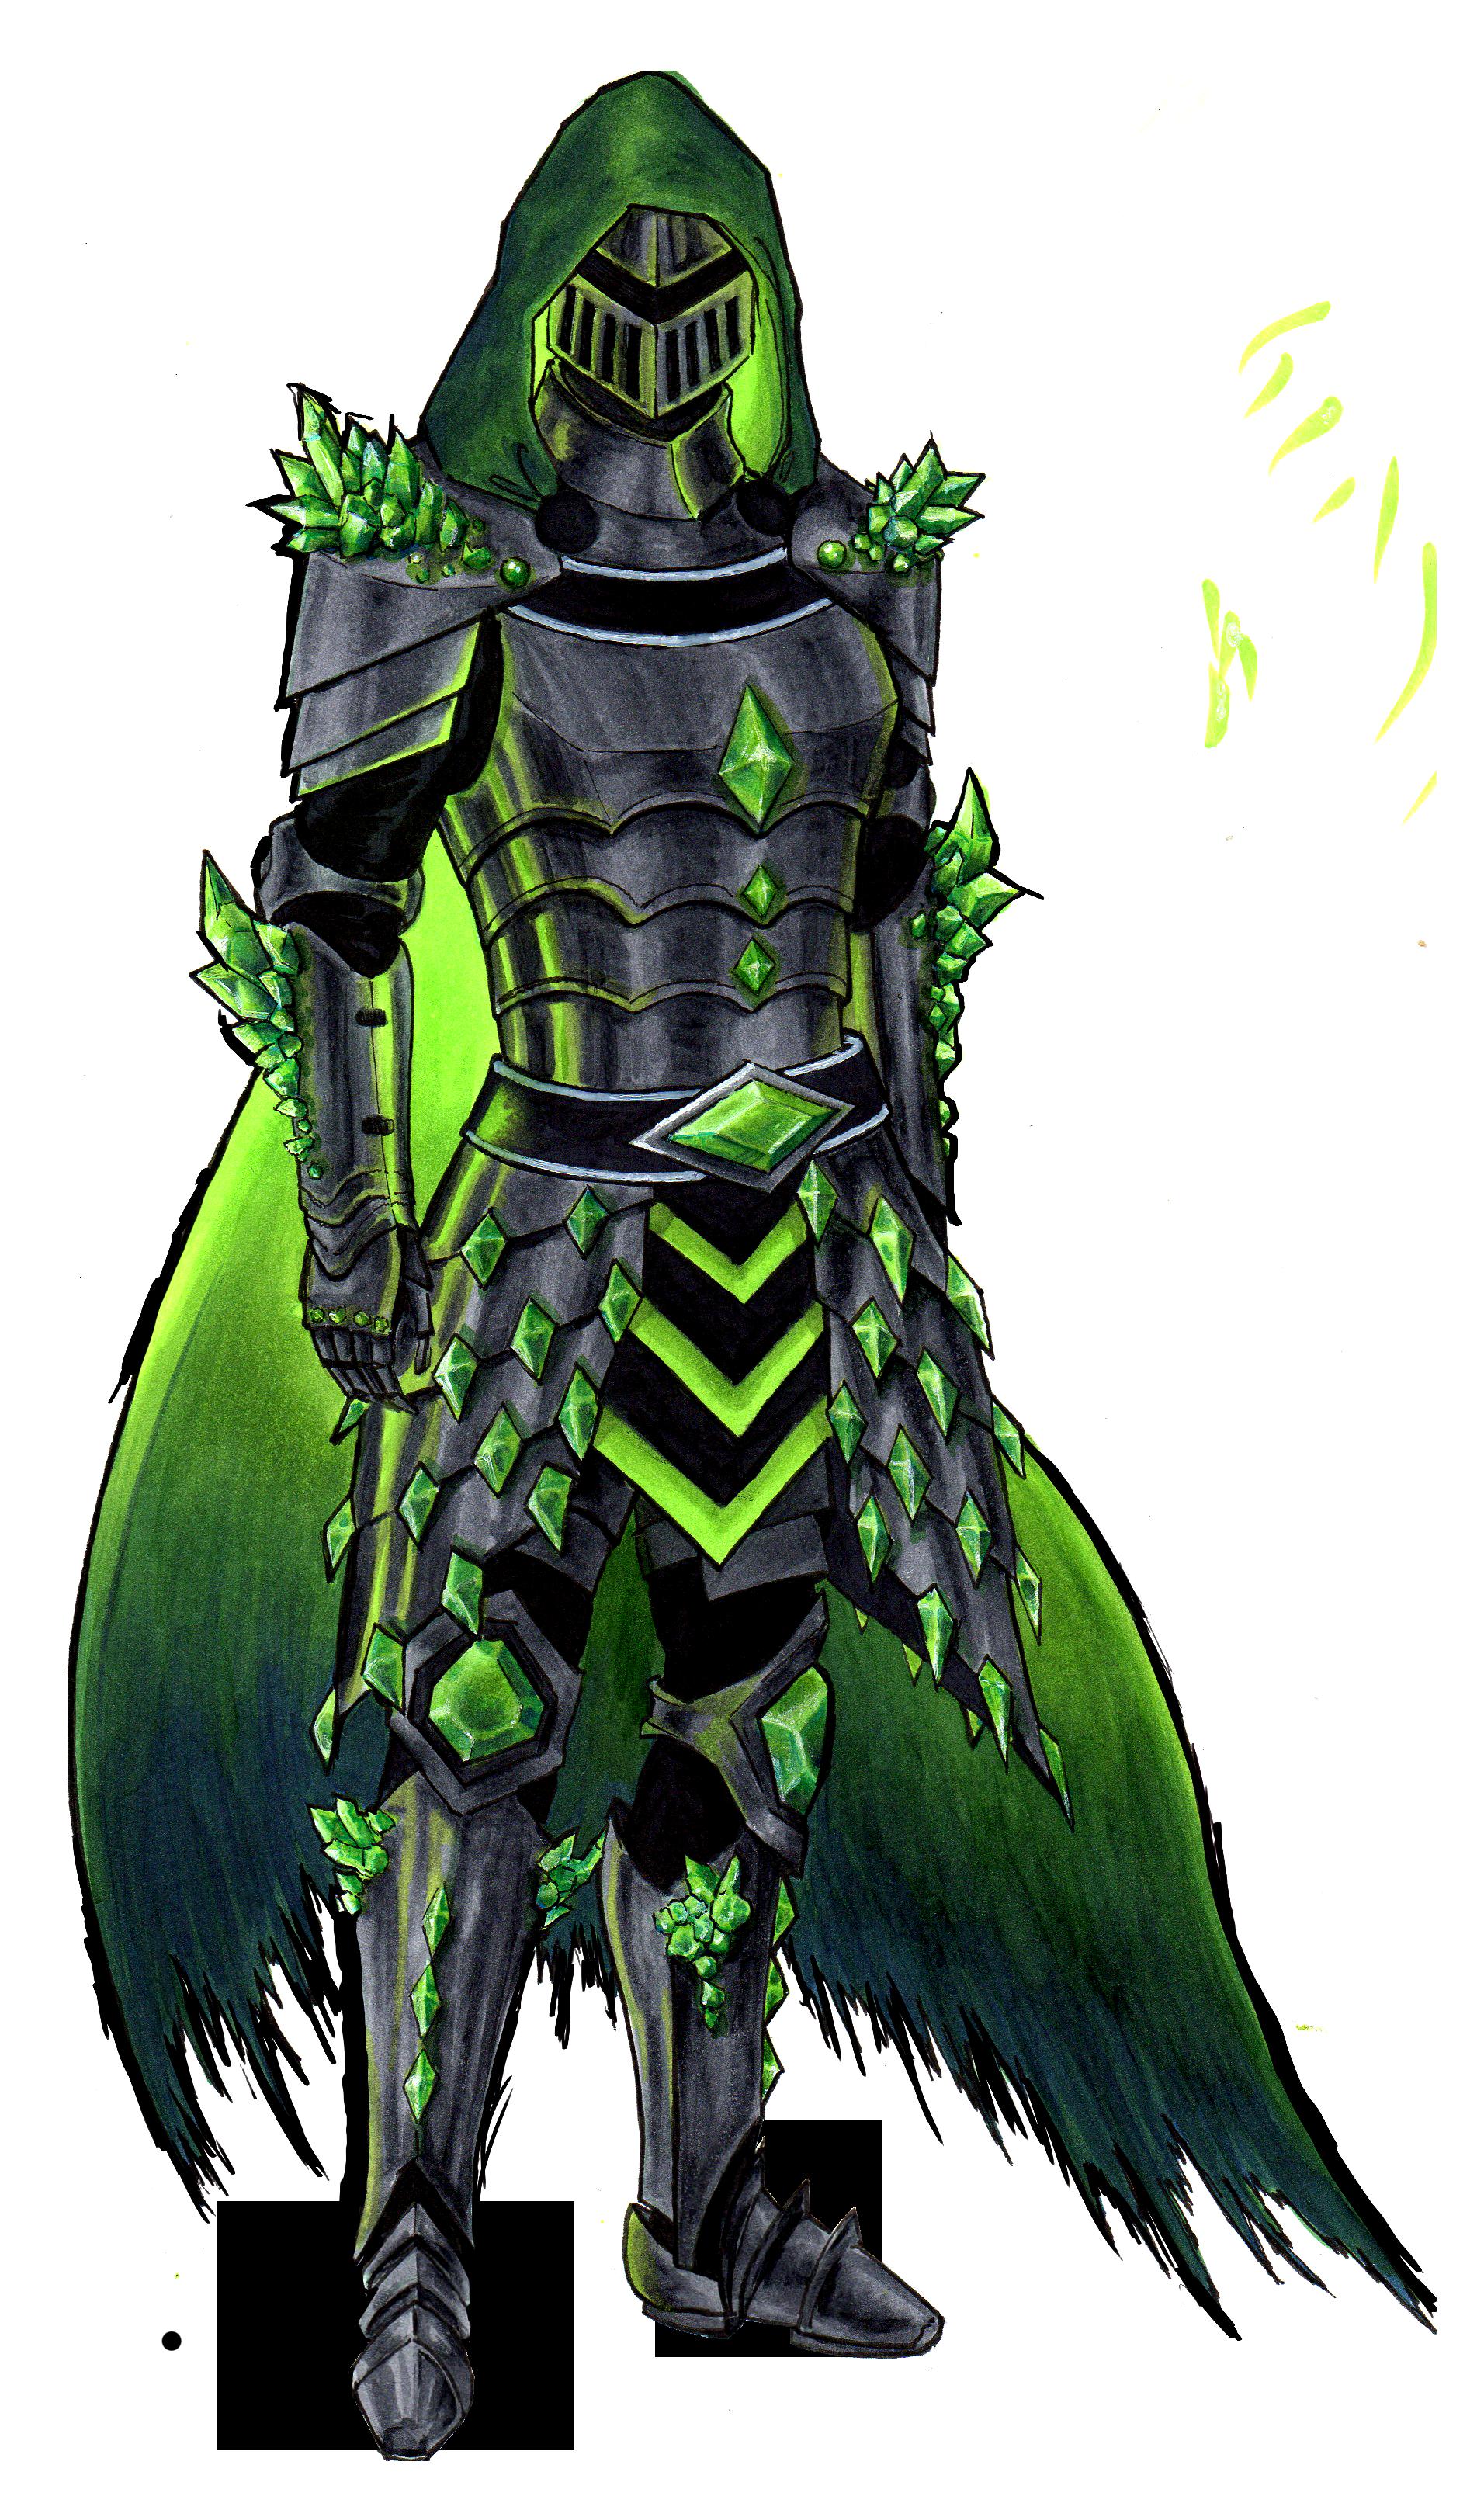 Deathknight's Armor